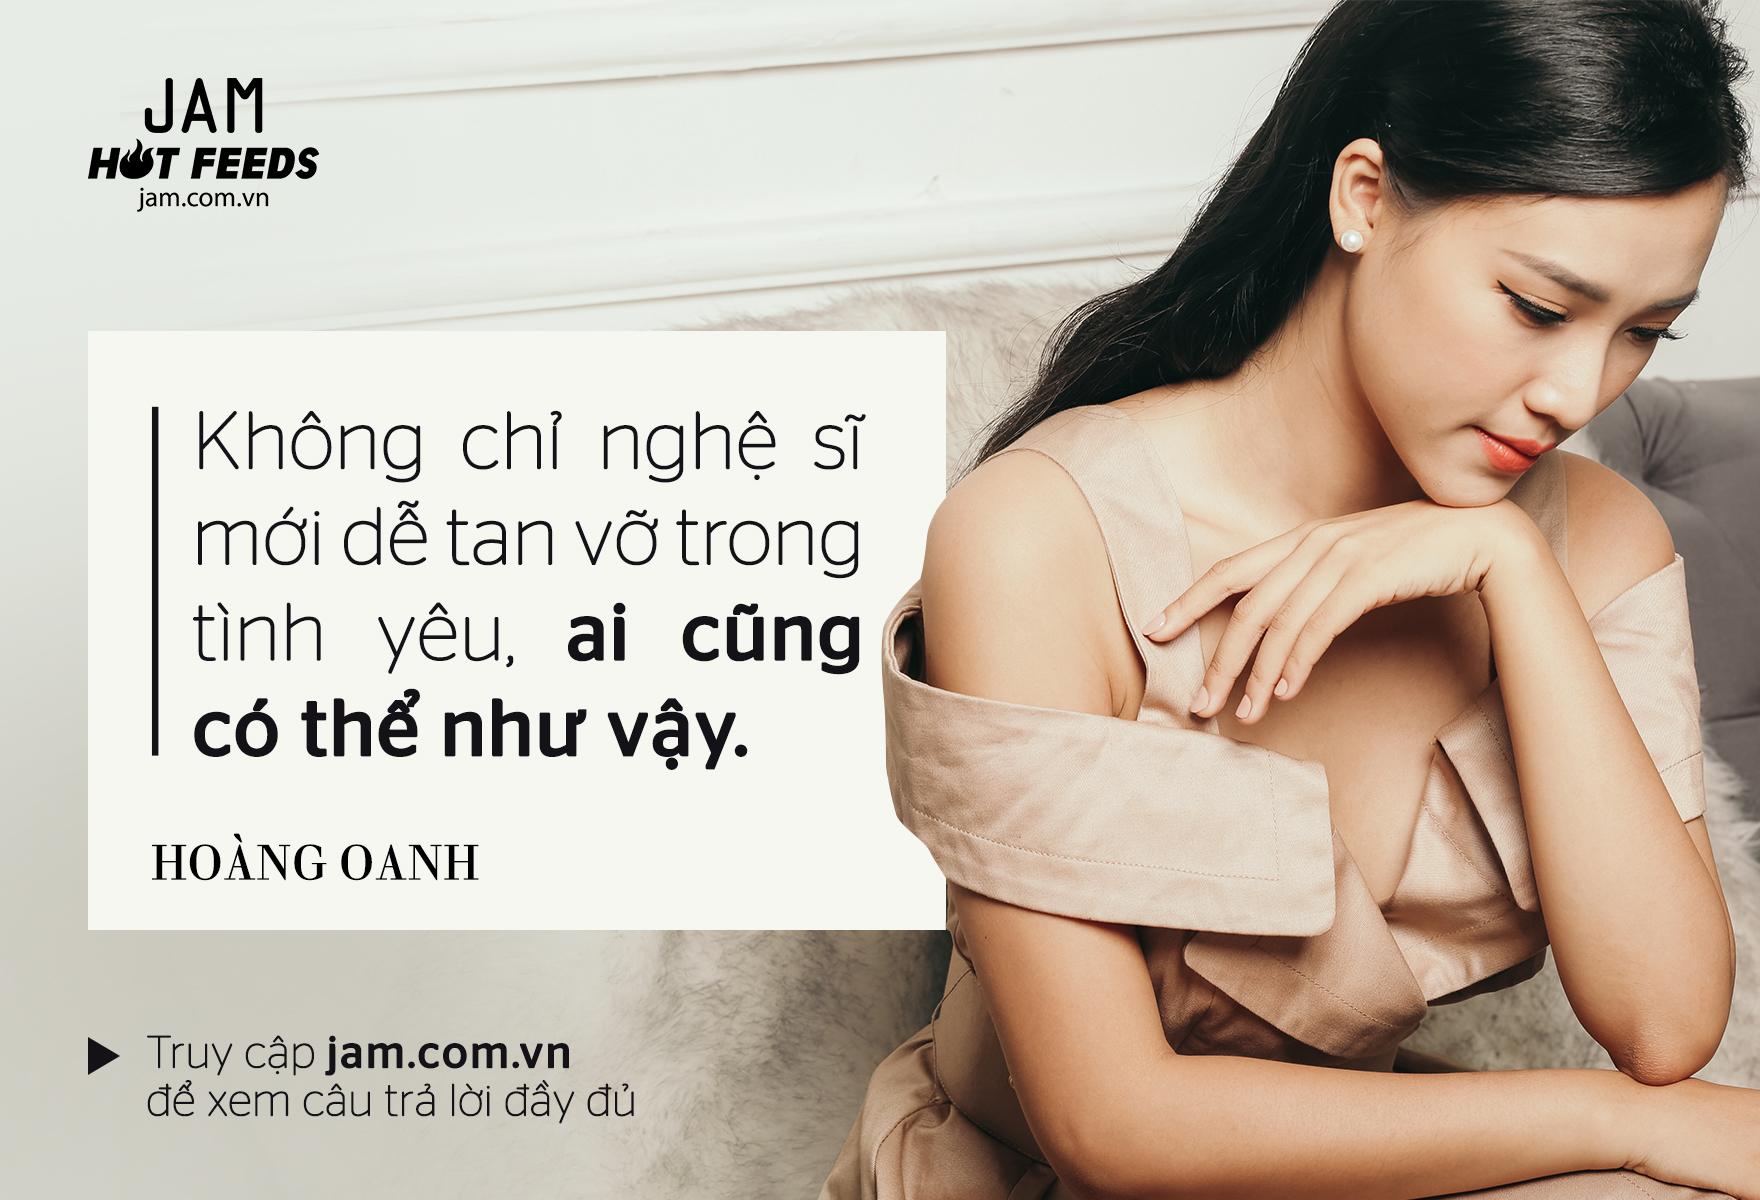 Hoàng Oanh: Tình yêu với Huỳnh Anh vẫn là một tình yêu đẹp và trọn vẹn - Ảnh 6.